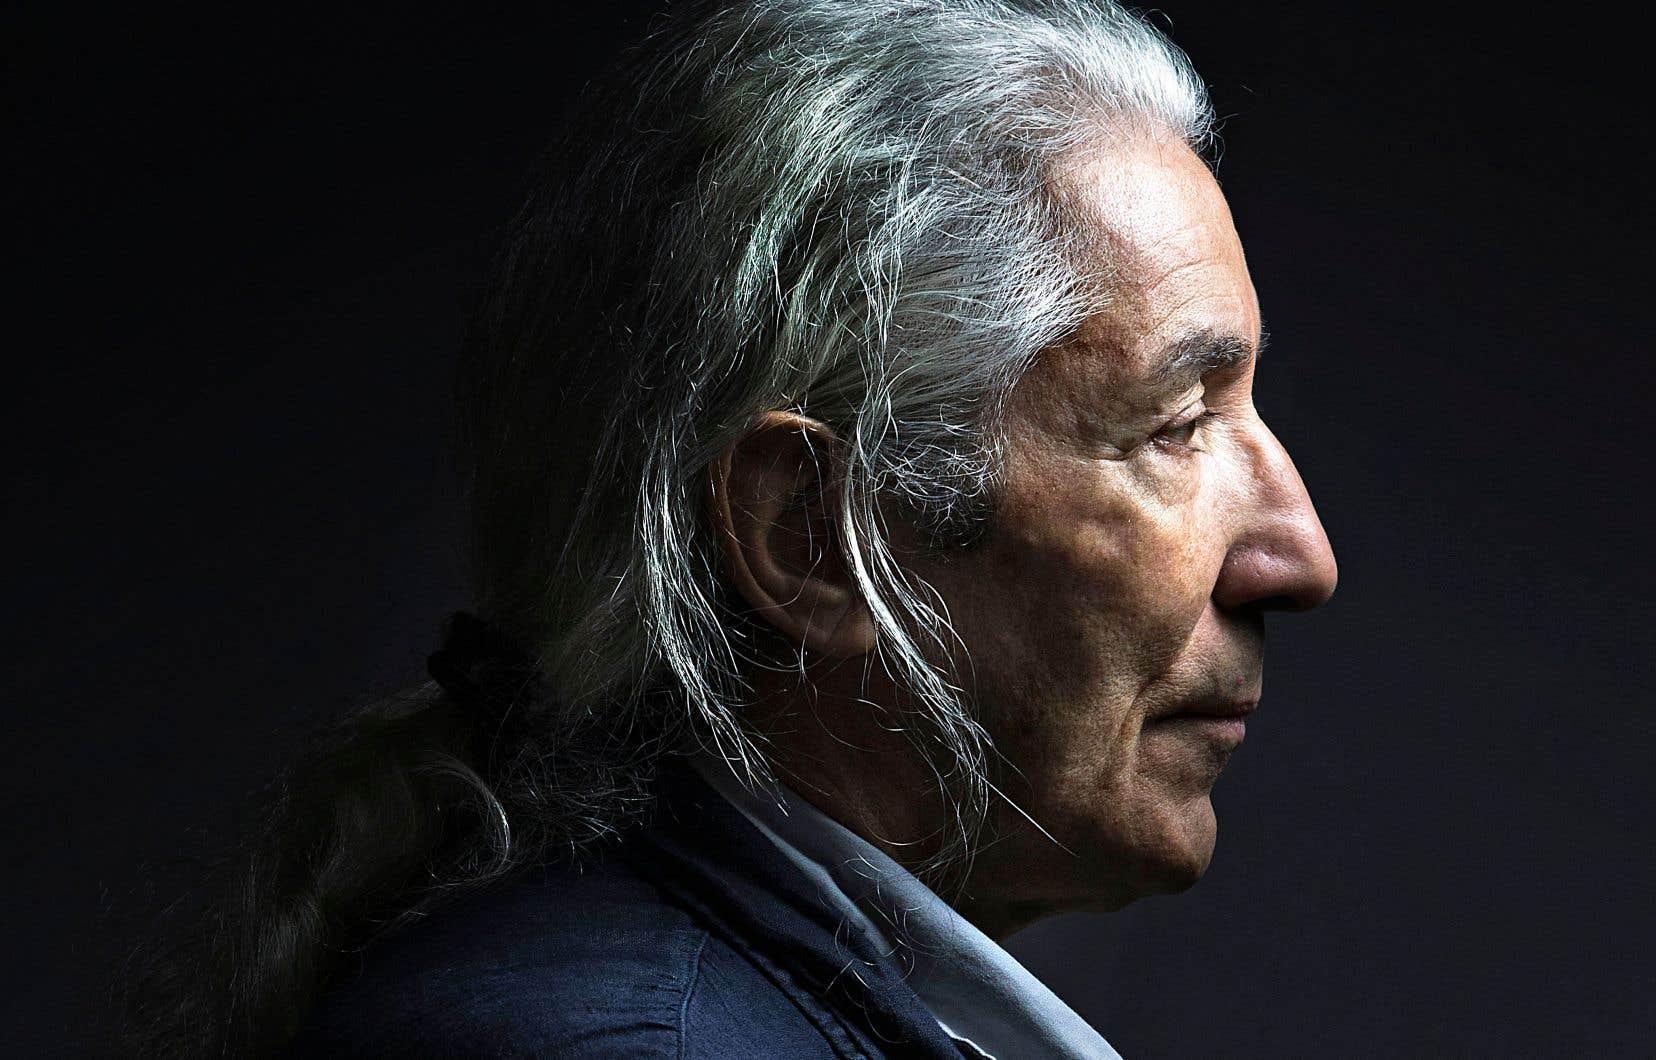 S'il se rend souvent à l'étranger, en France et en Allemagne notamment, où ses écrits sont appréciés et primés, l'auteur Boualem Sansal n'envisage pas plus aujourd'hui qu'hier de quitter définitivement l'Algérie. Mais il demeure sur ses gardes.